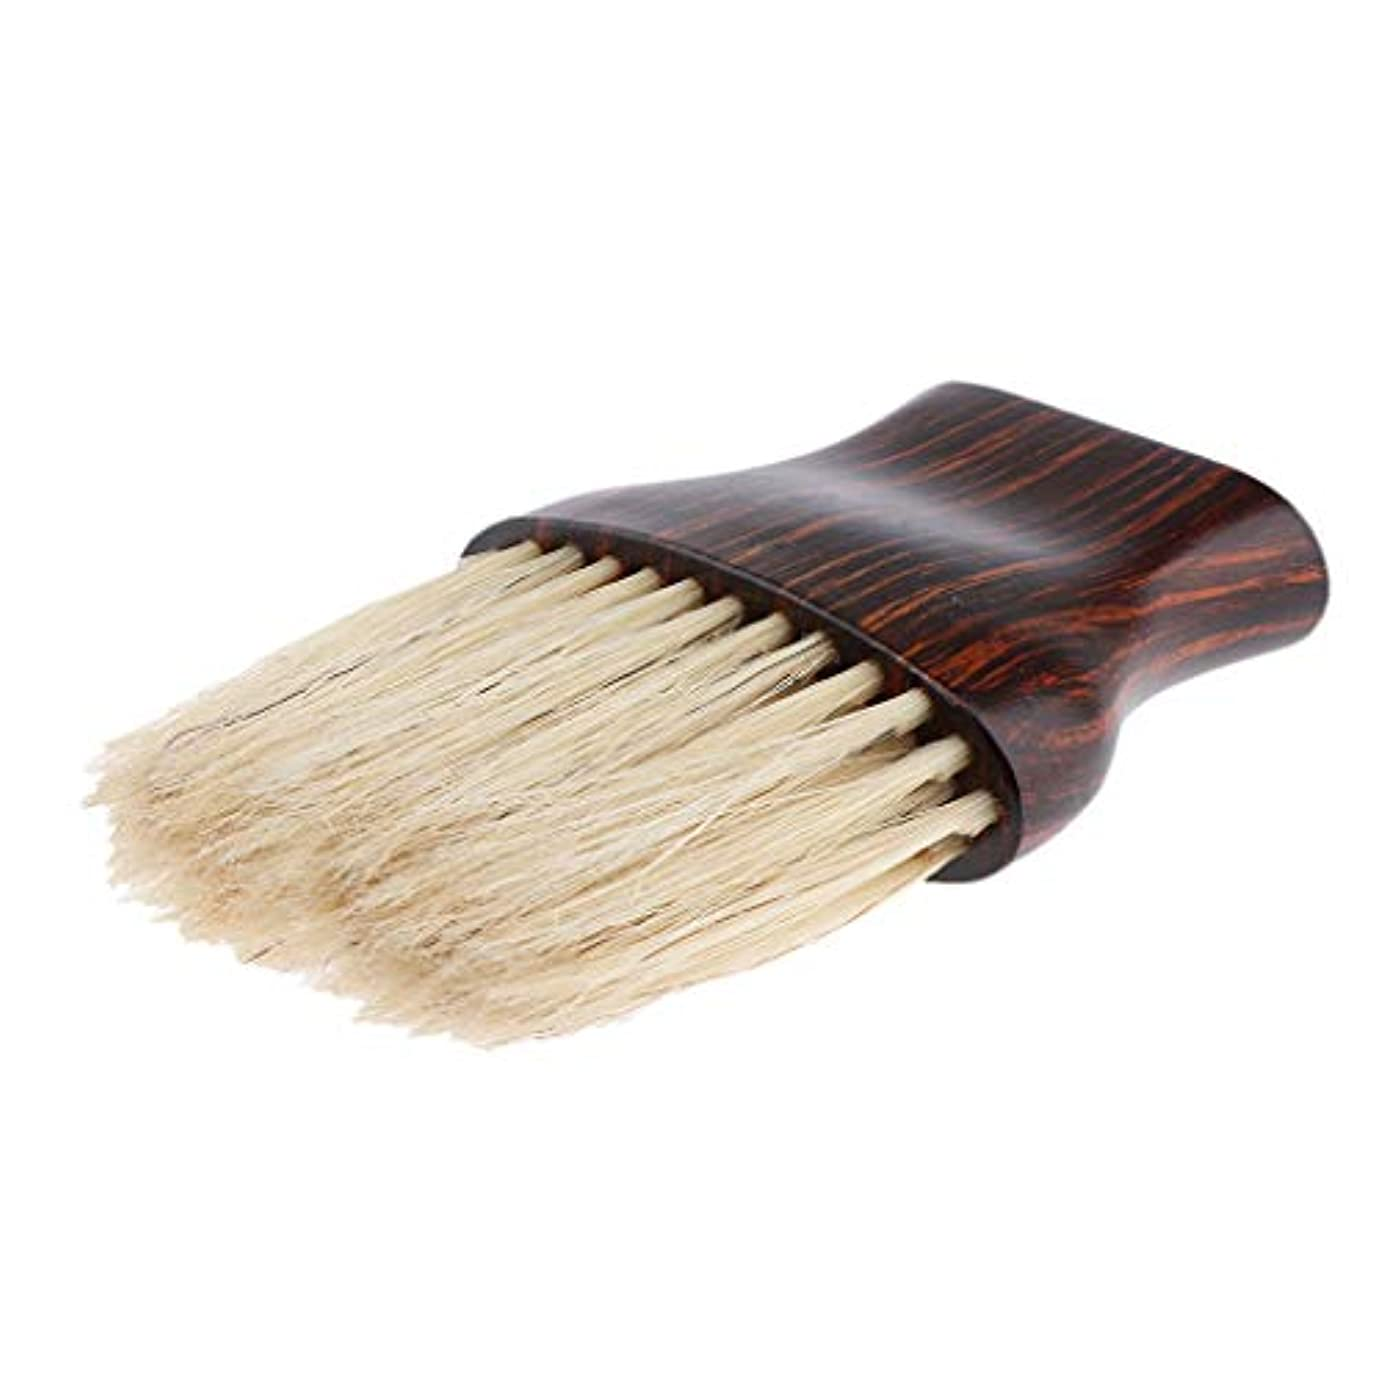 犯人報酬の数学者ネックダスターブラシ 柔らかい繊維 ヘアブラシ 木製ハンドル 快適